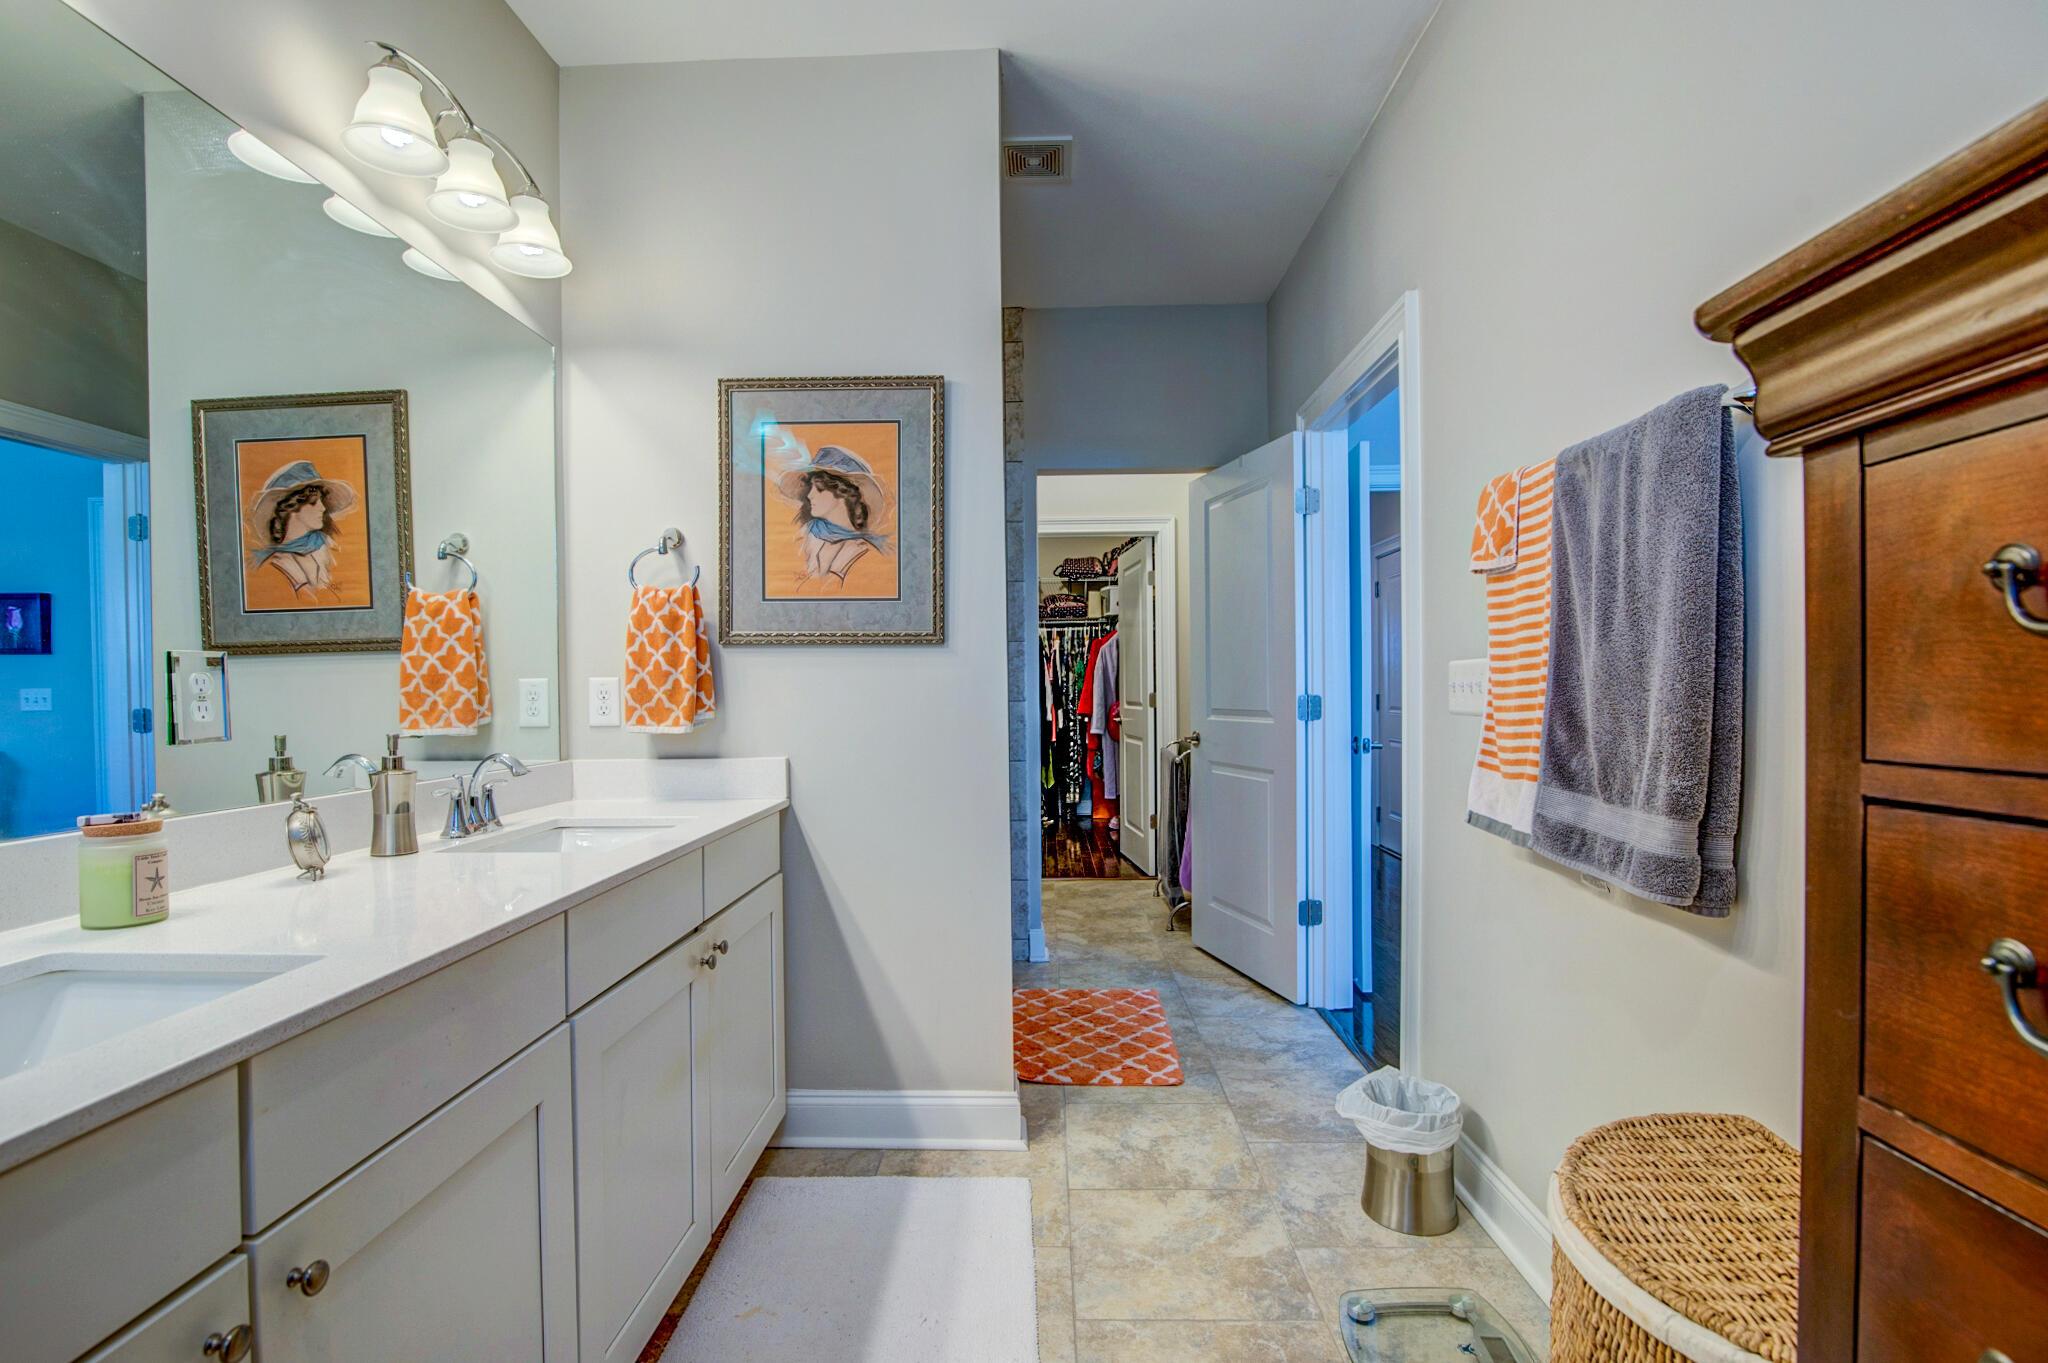 Whitesides Park Homes For Sale - 1102 Alagash Way, Mount Pleasant, SC - 14